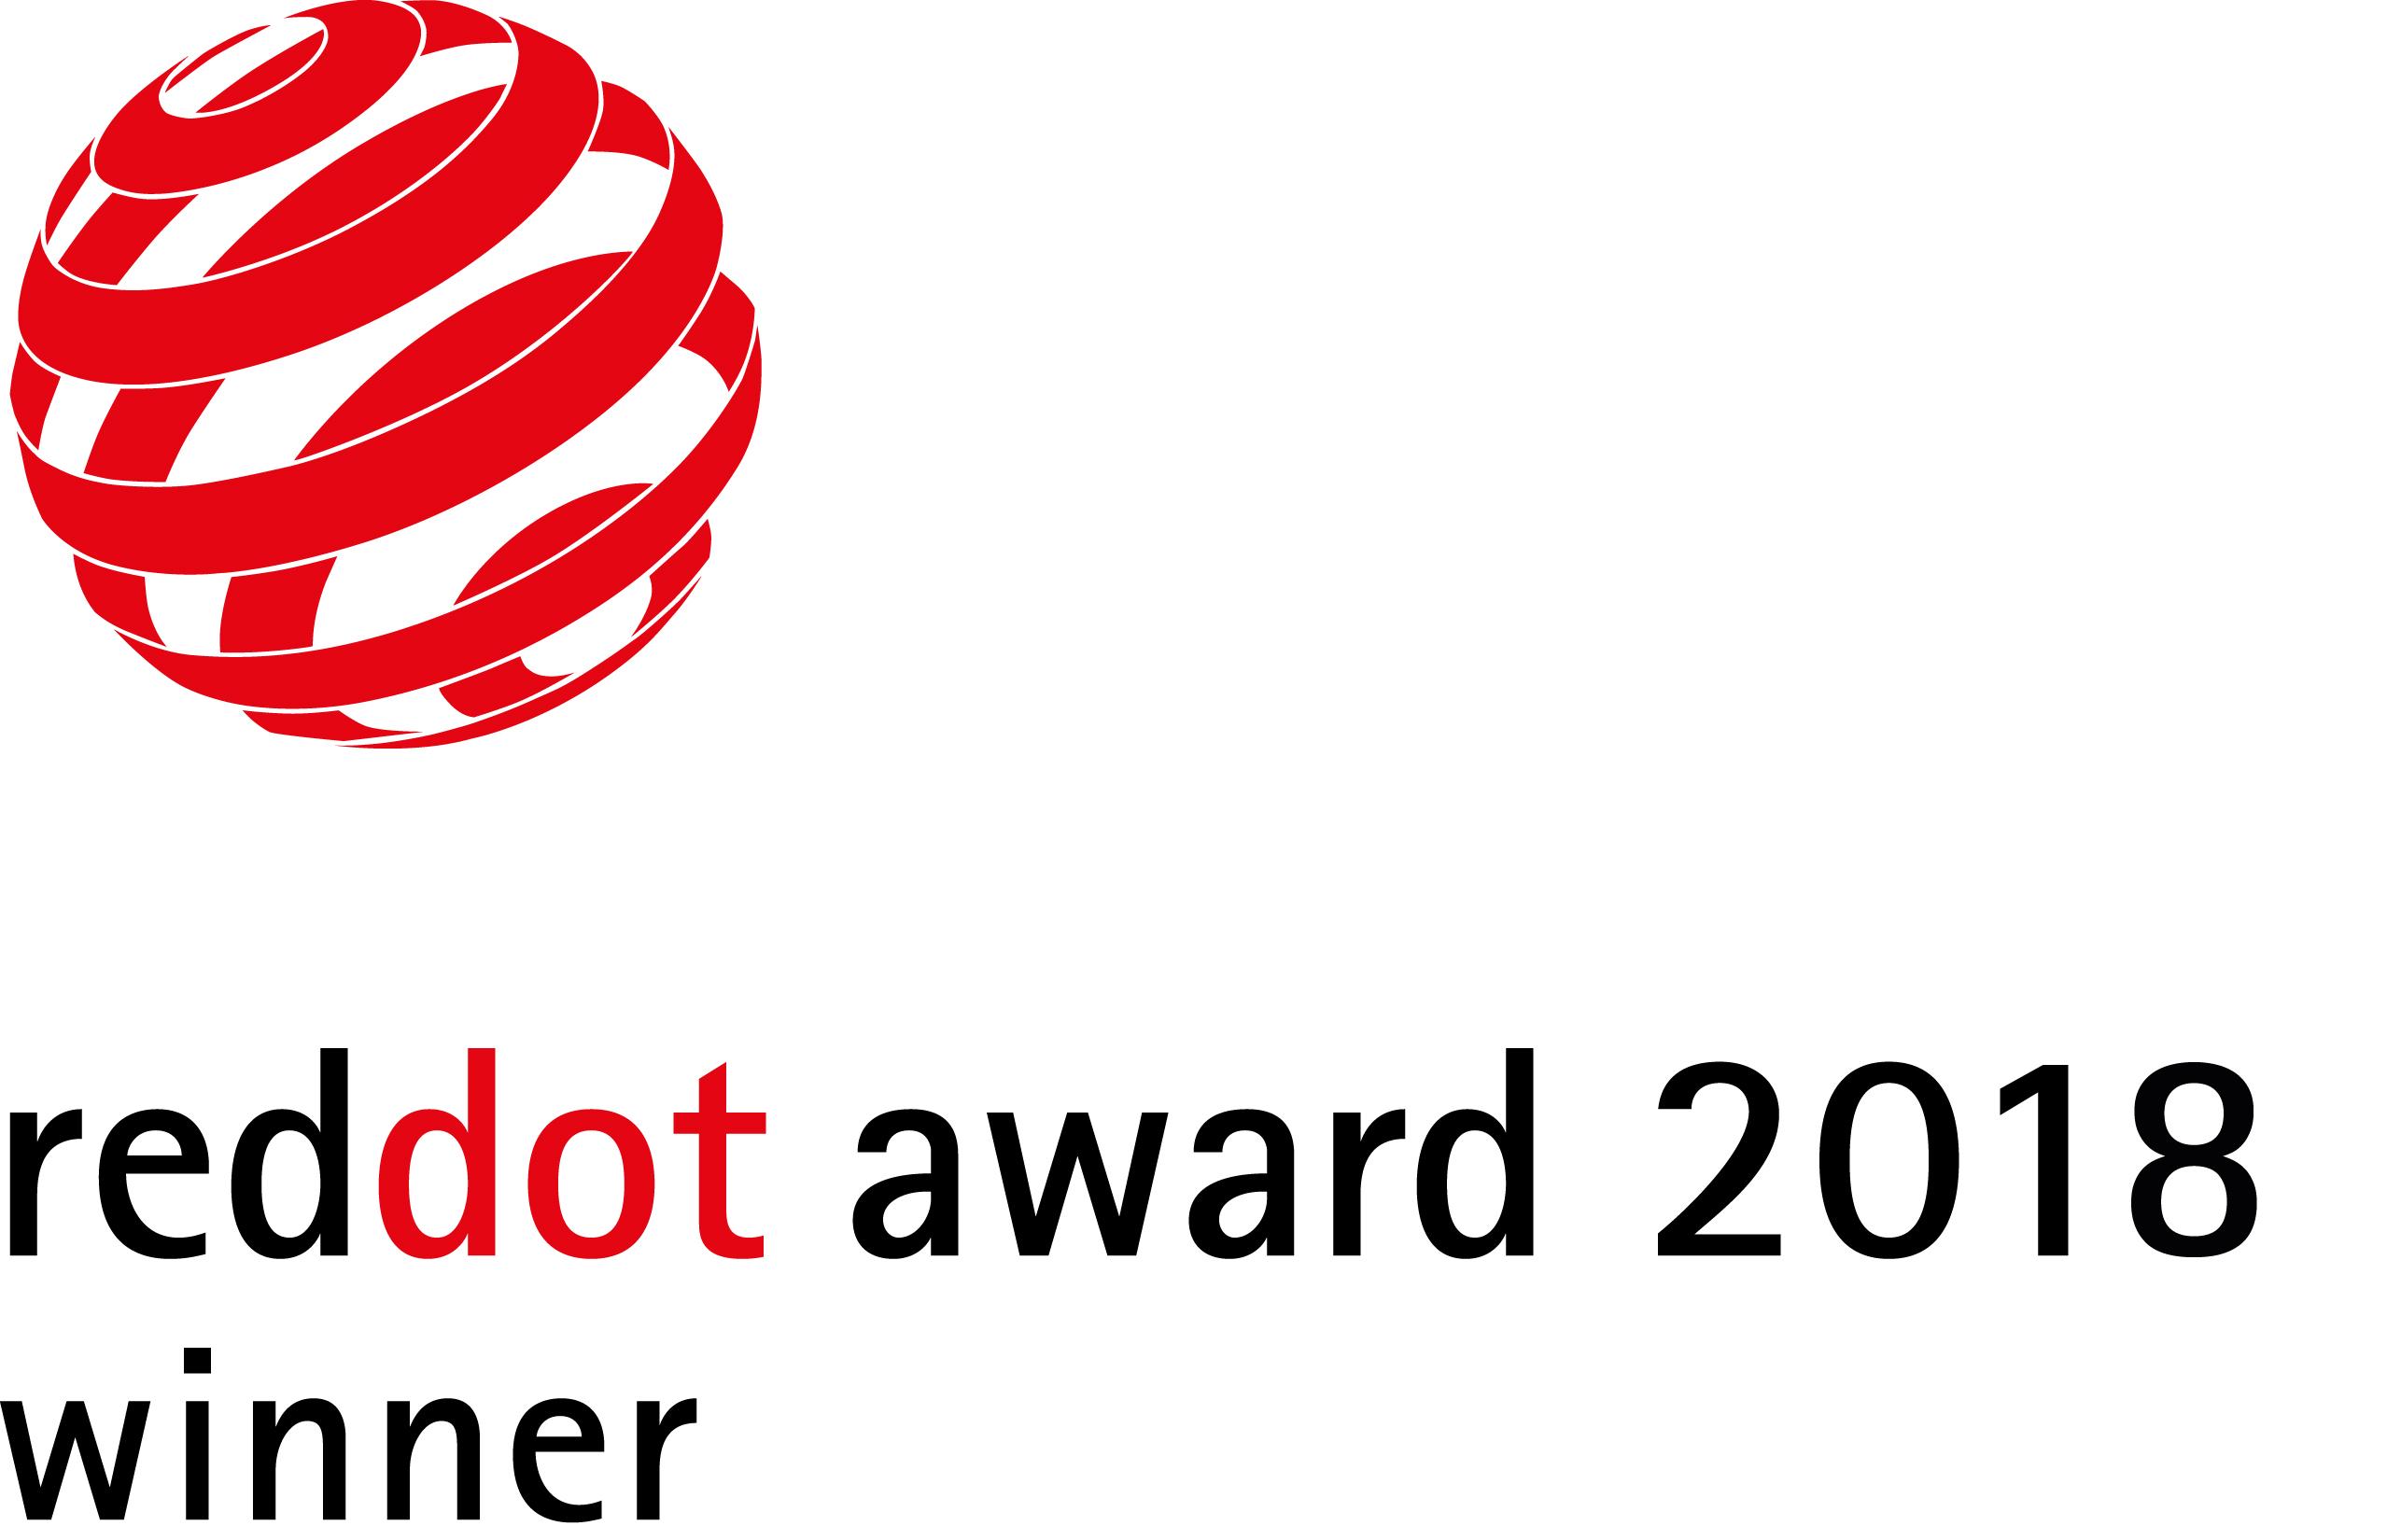 reddot in 2018